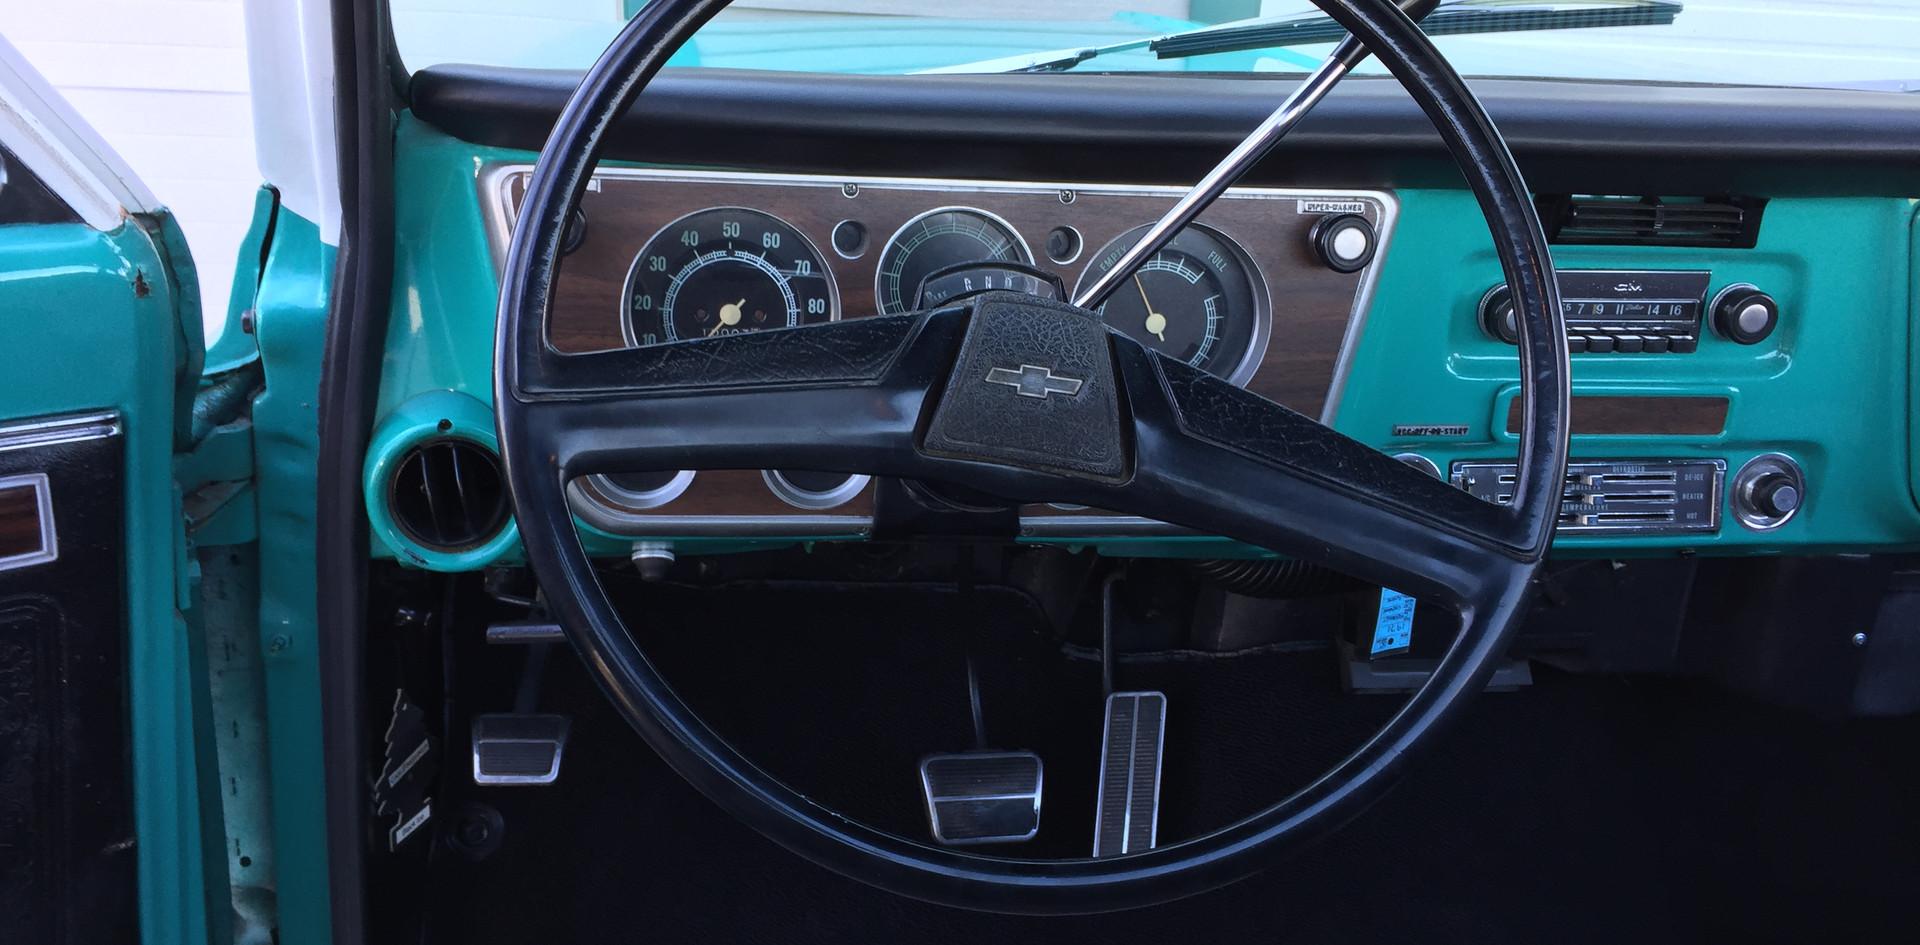 1971 chev c10 (39).JPG